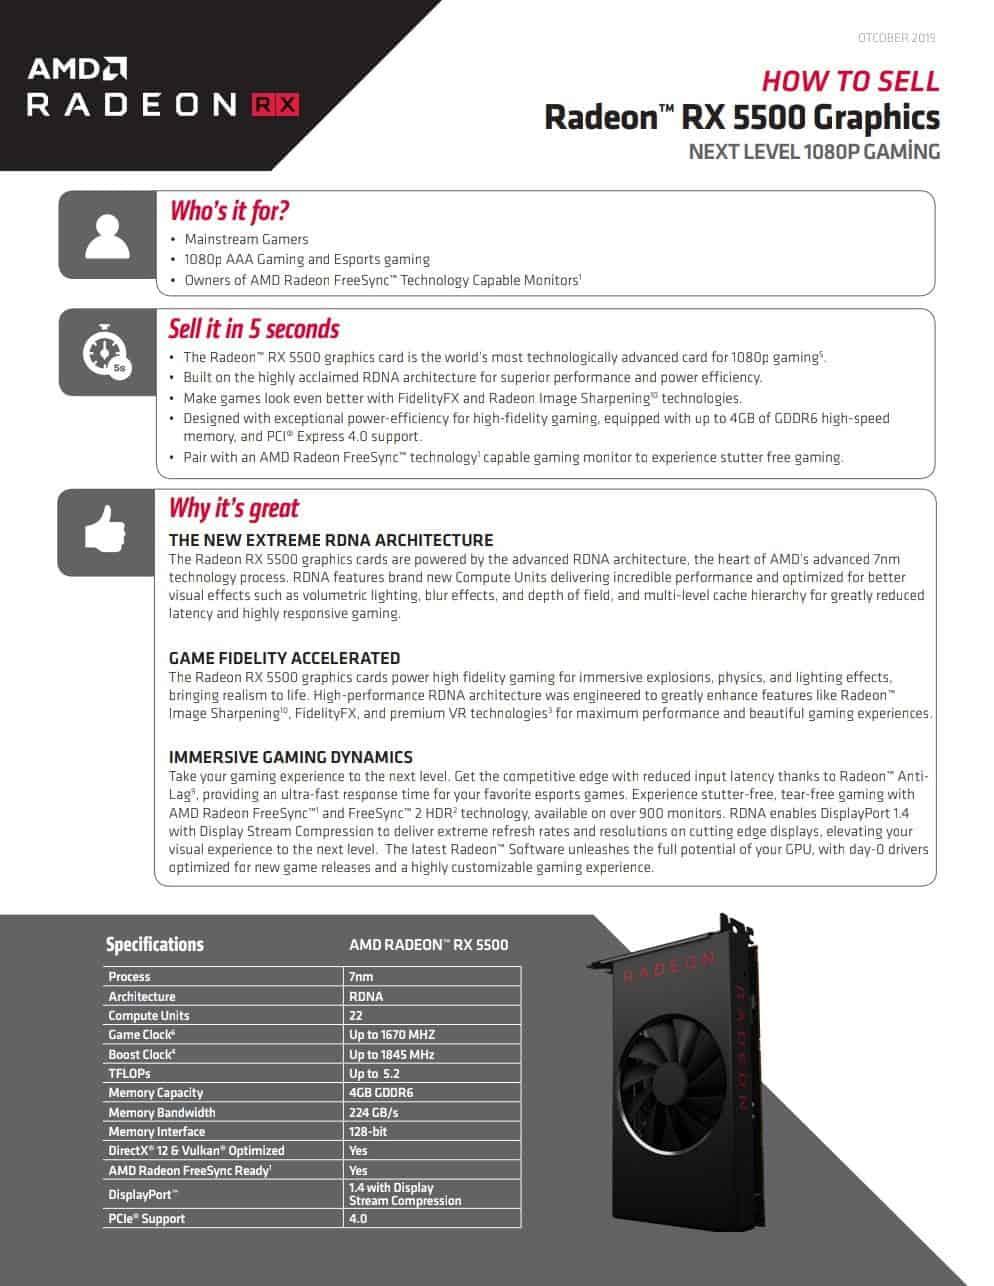 AMD Radeon RX 5500 GPU Specs